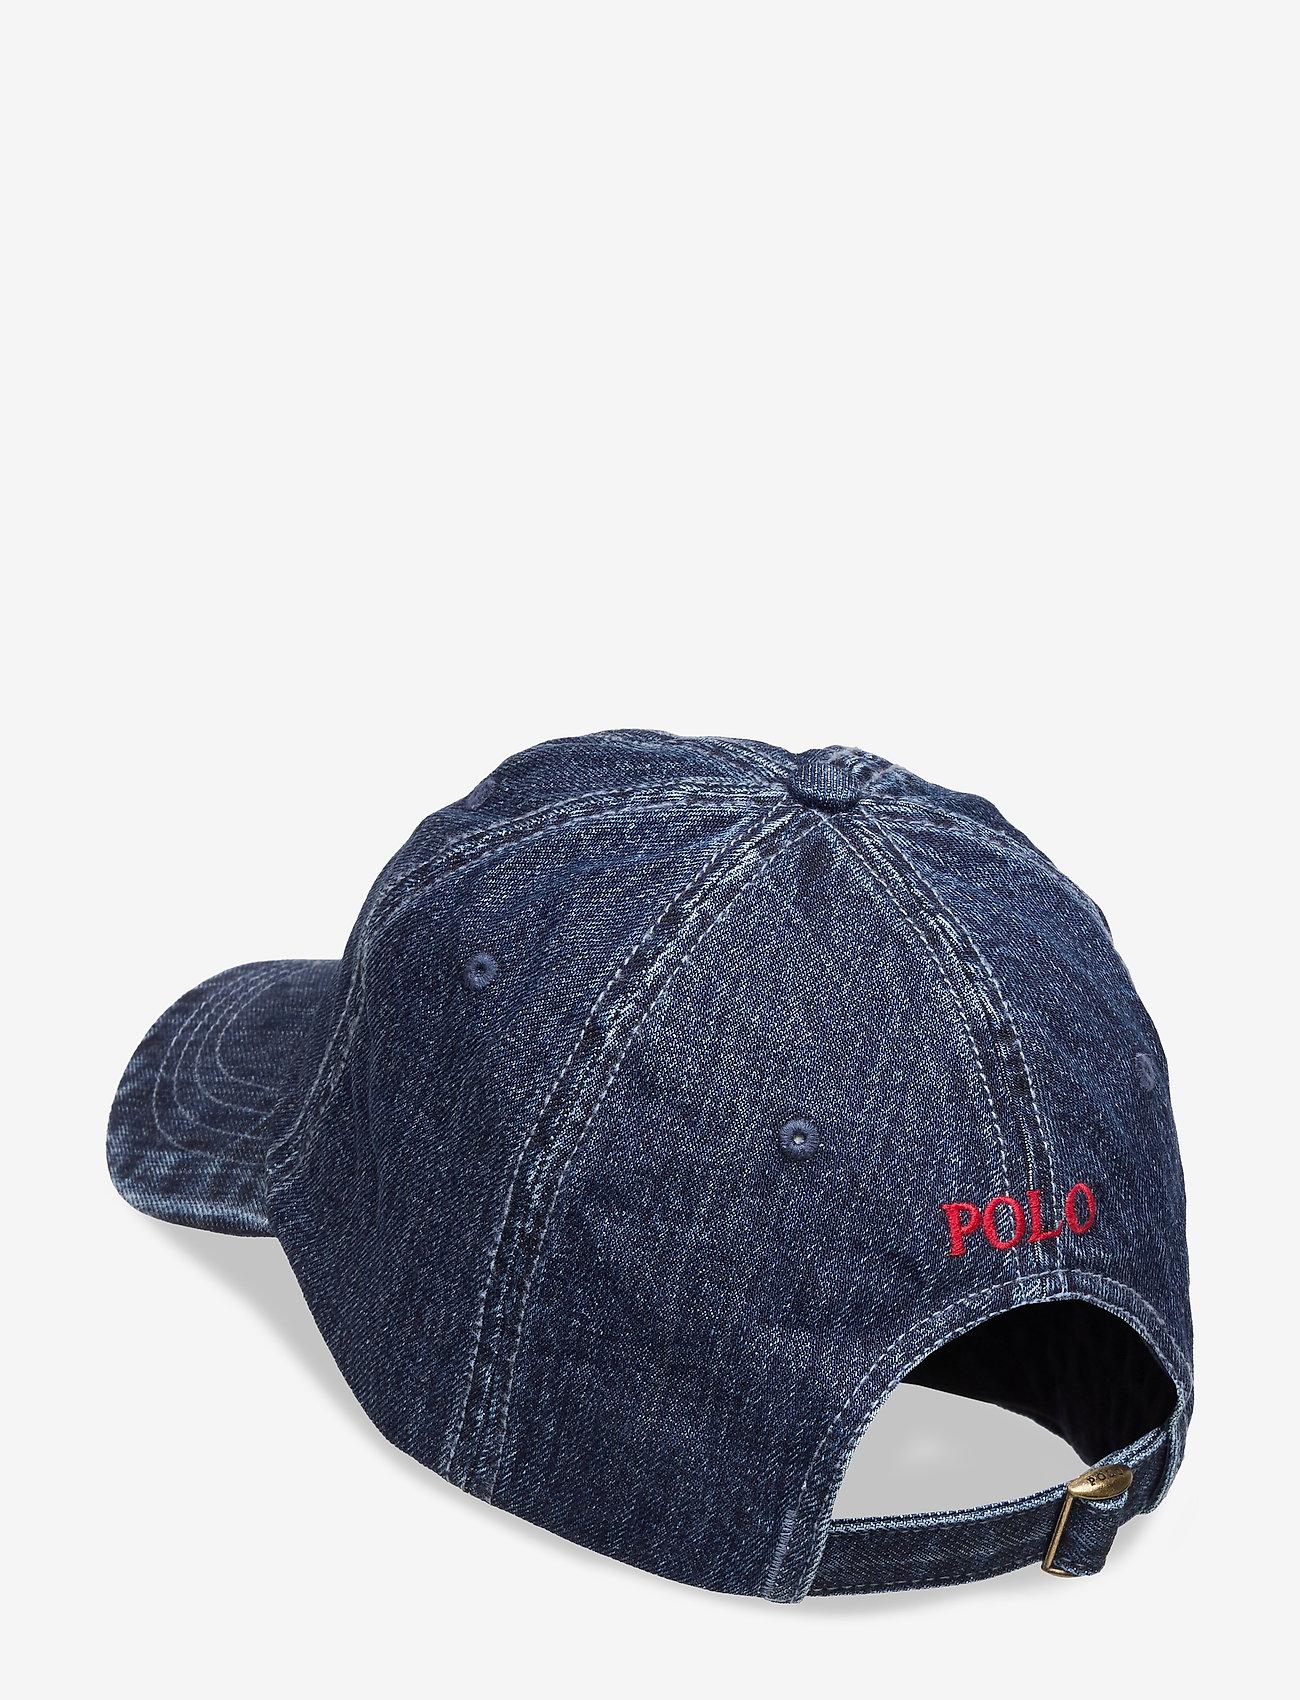 Polo Ralph Lauren Denim Baseball Cap - Czapki i kapelusze DARK WASH DENIM W - Akcesoria